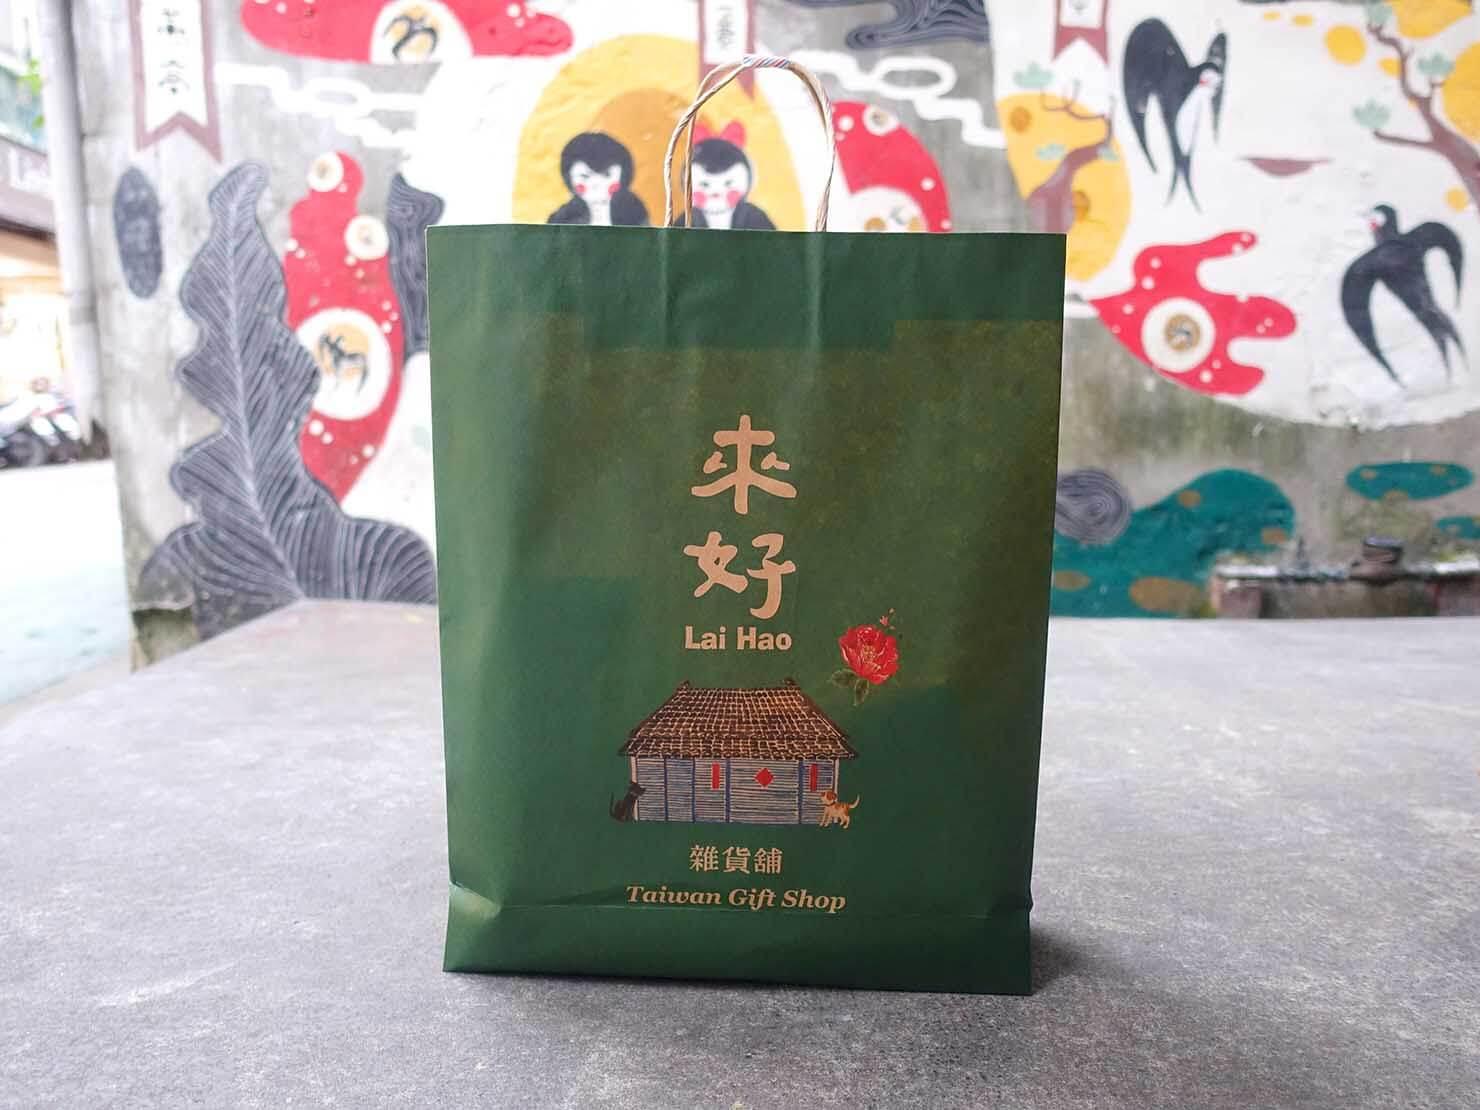 台北・永康街のおすすめおみやげショップ「來好 LAIHAO」の紙袋